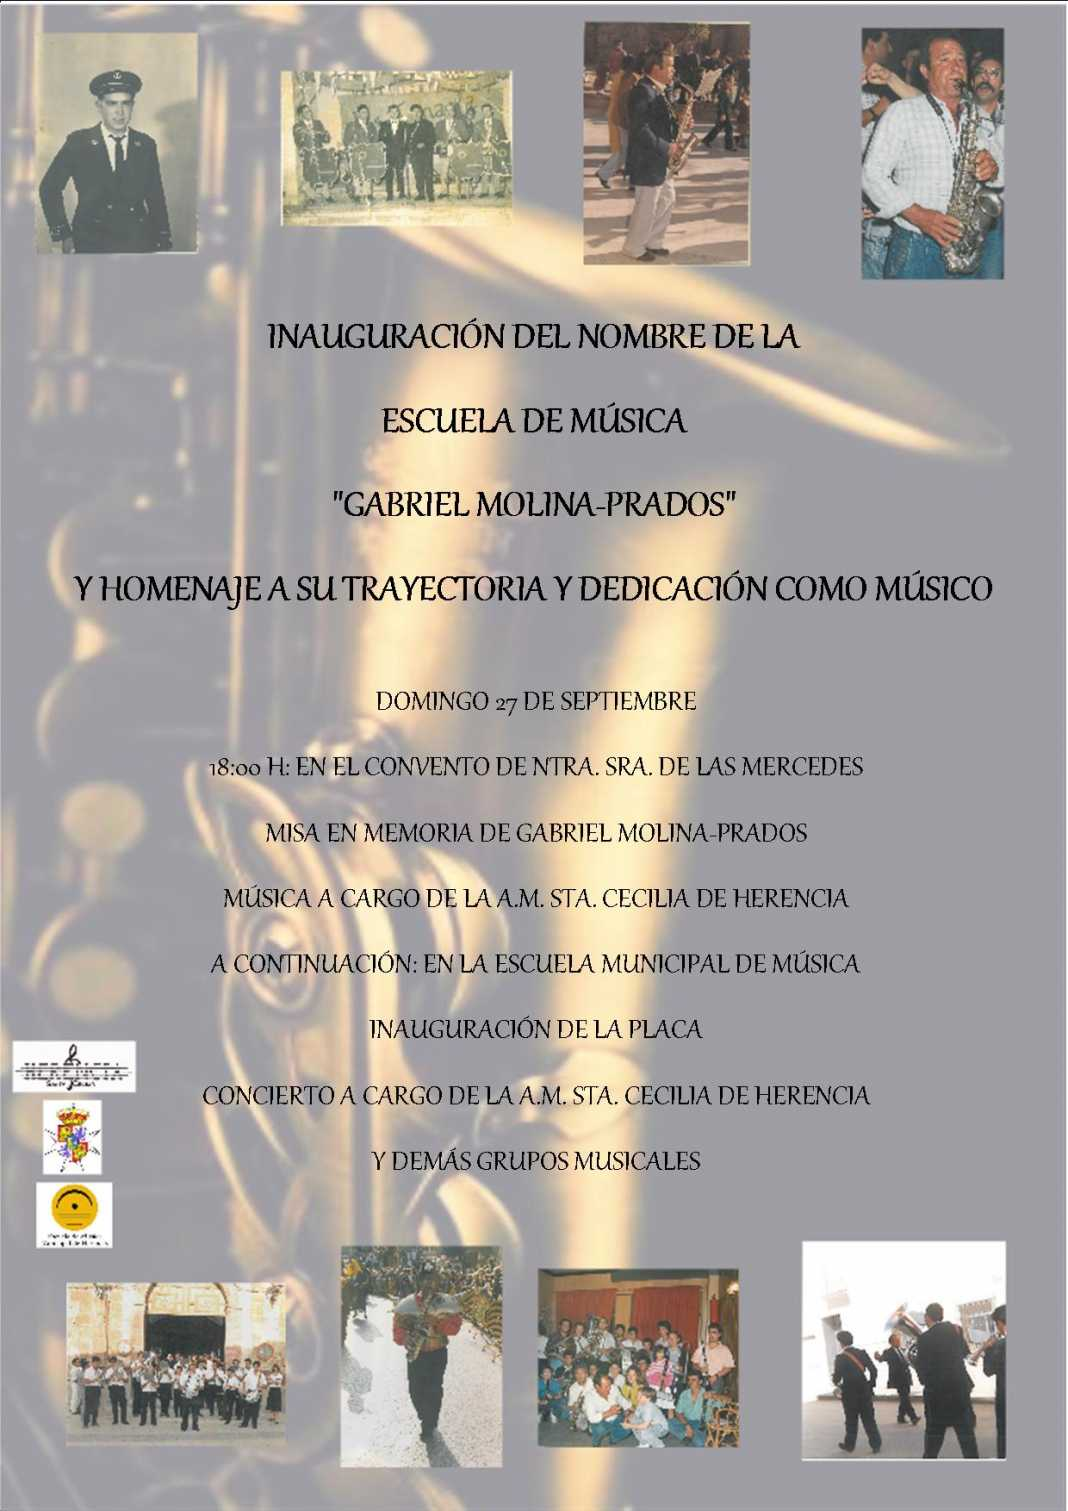 Inauguración del nombre de la escuela de música de Herencia 1068x1511 - Programación de actos para el último día de la feria y fiestas